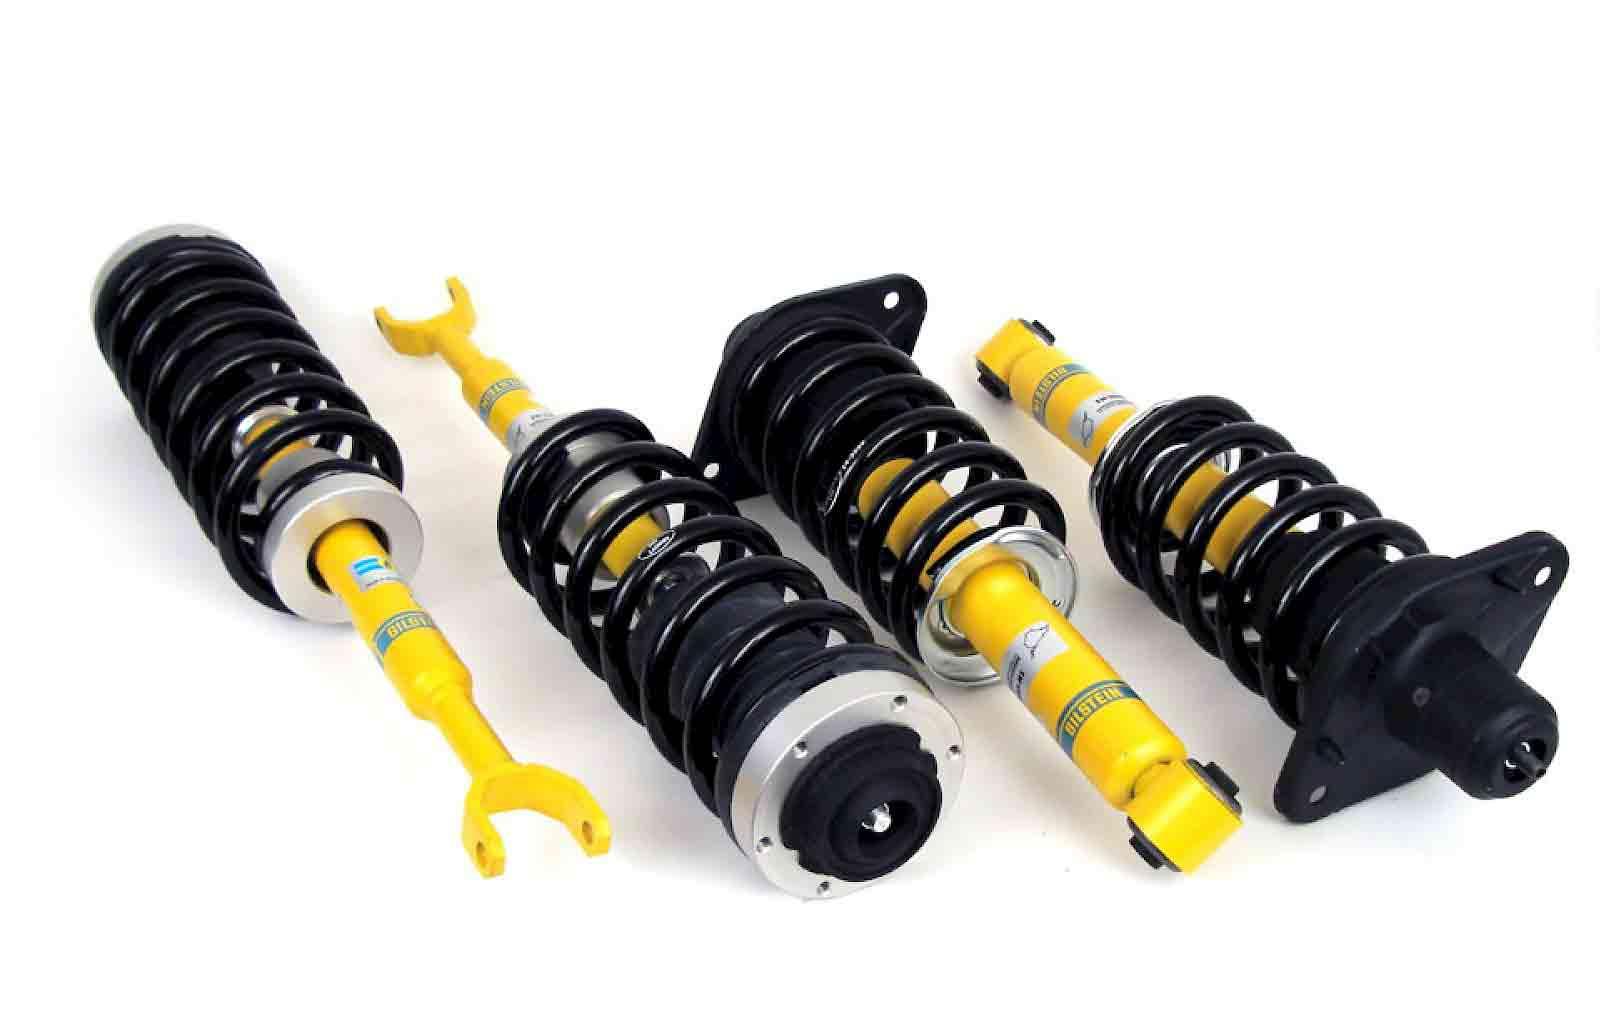 четыре новых желтых пружины и амортизаторы